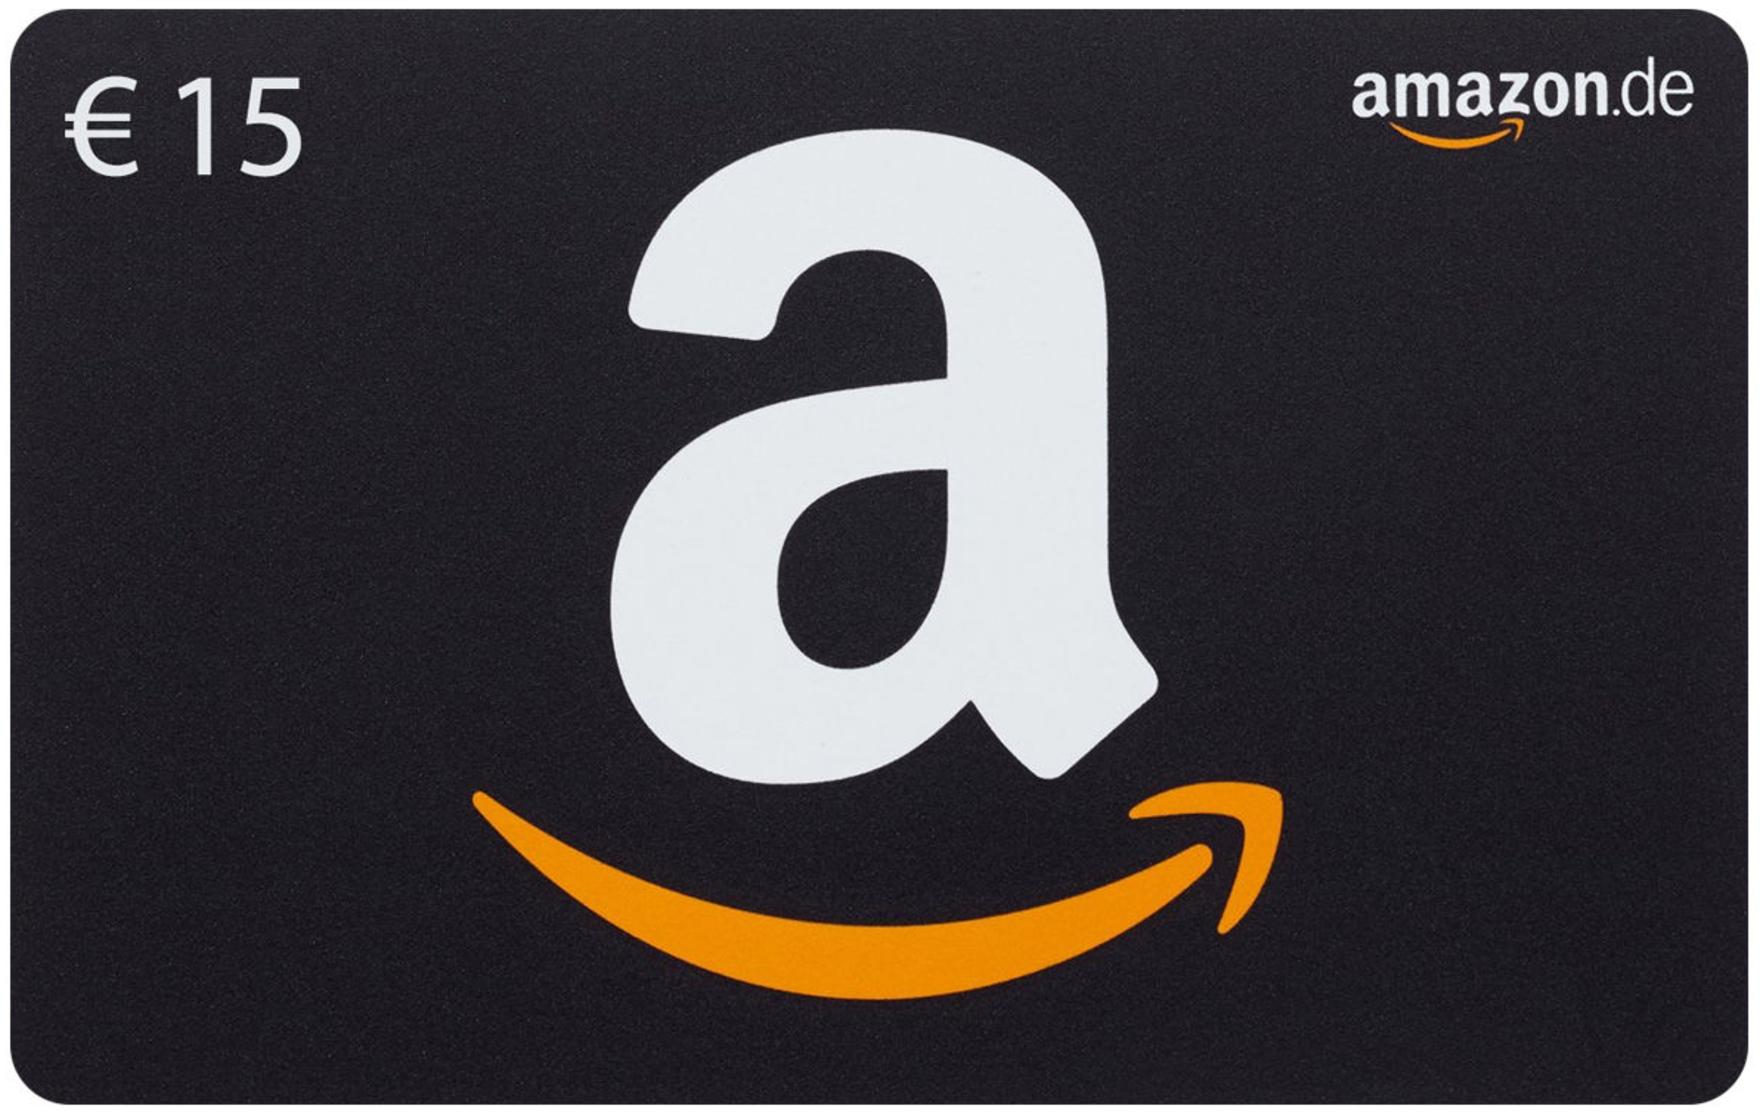 callmobile SIM mit 15€ Amazon Gutschein und 10€ Startguthaben - PSN/MMOGA möglich